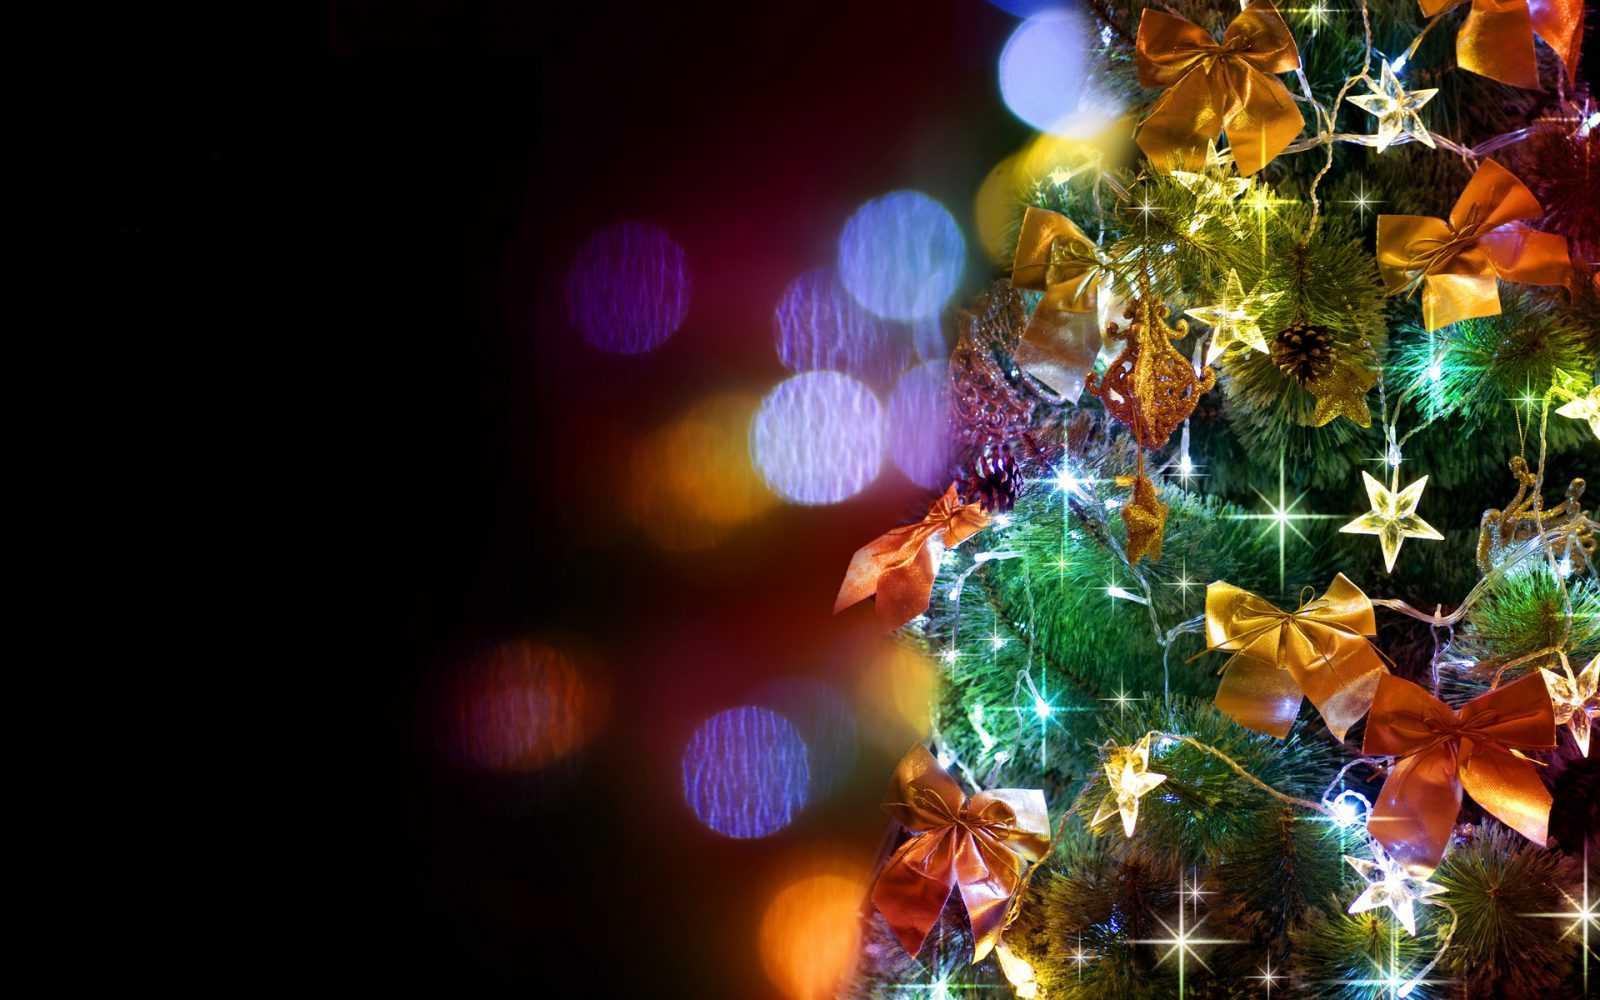 Картинки с новым годом яркие